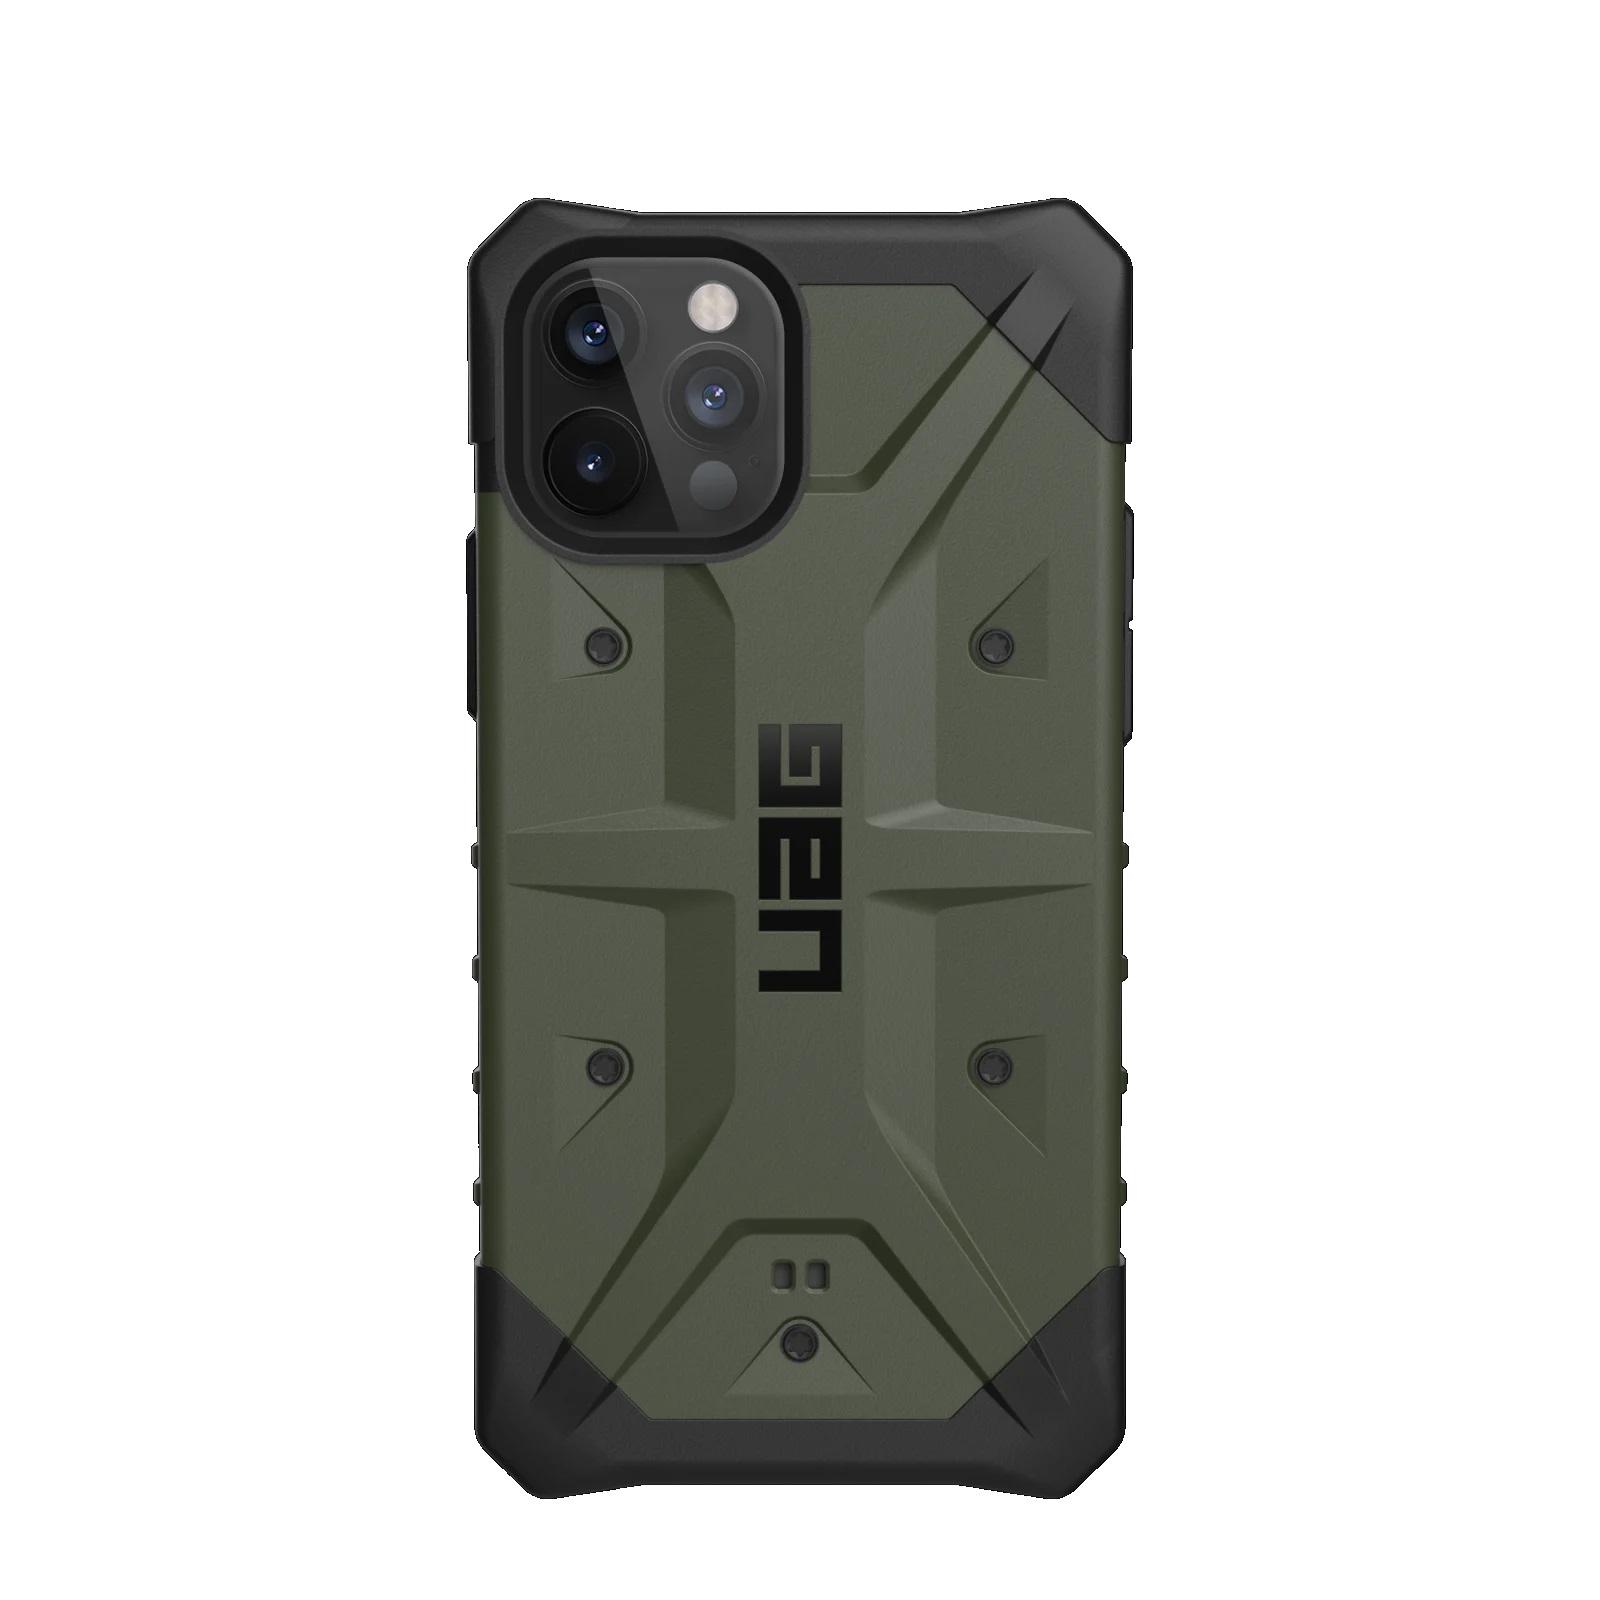 """Urban Armor Gear Pathfinder funda para teléfono móvil 17 cm (6.7"""") Negro, Oliva"""